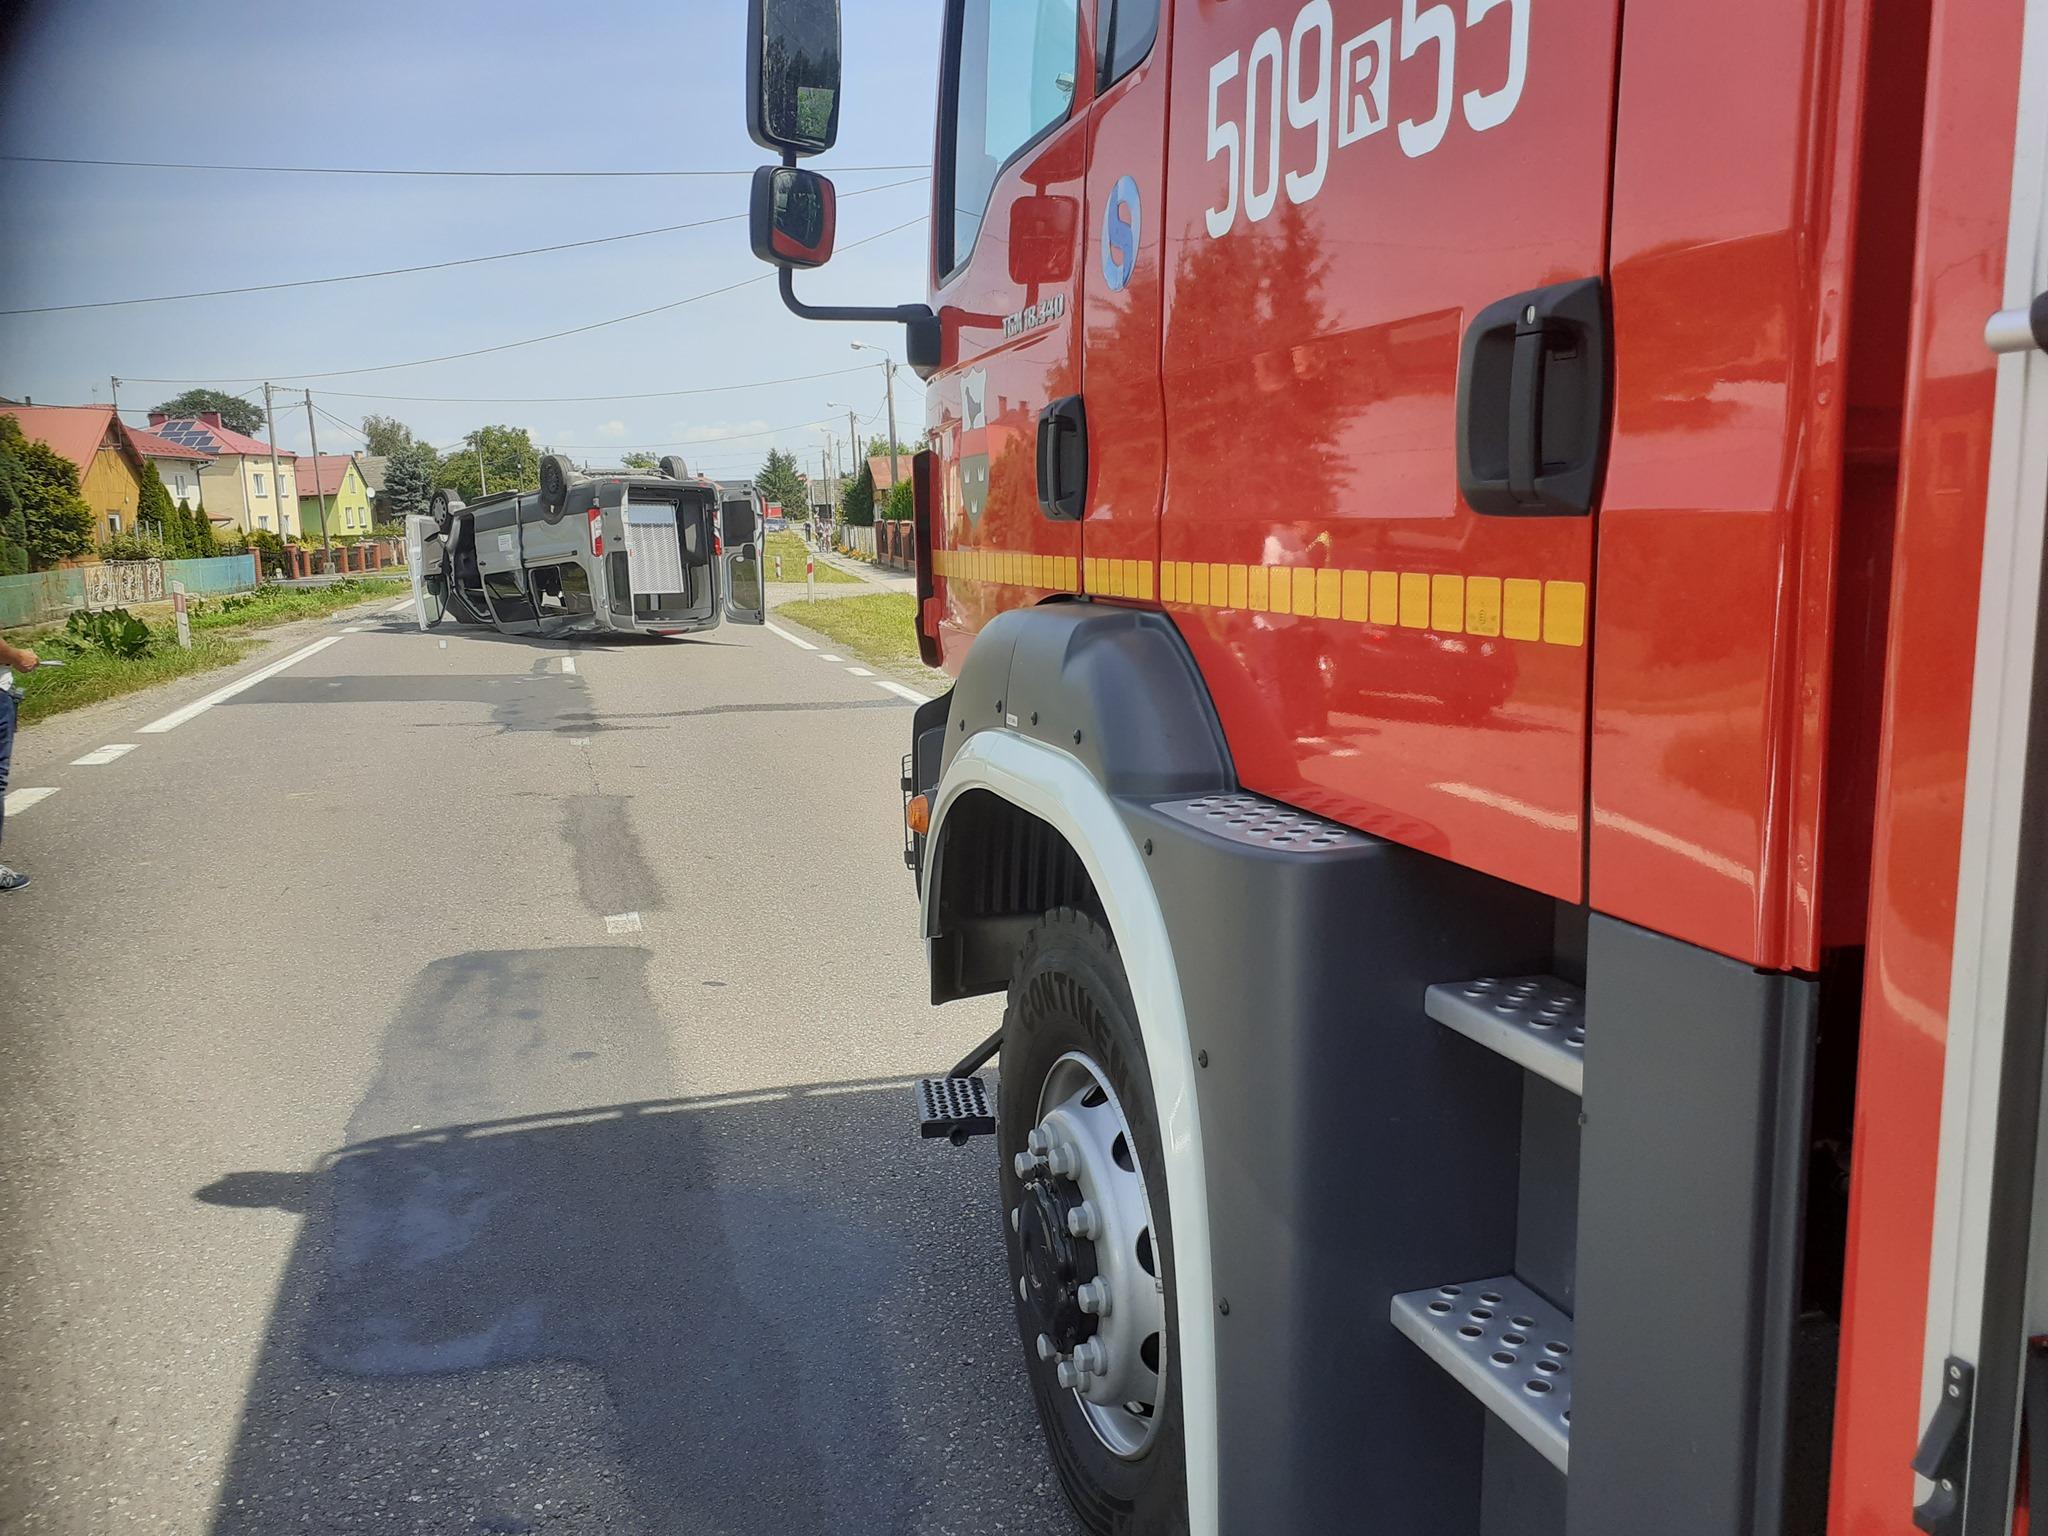 Wypadek w Padwi Narodowej. Policja zorganizowała objazdy - Zdjęcie główne